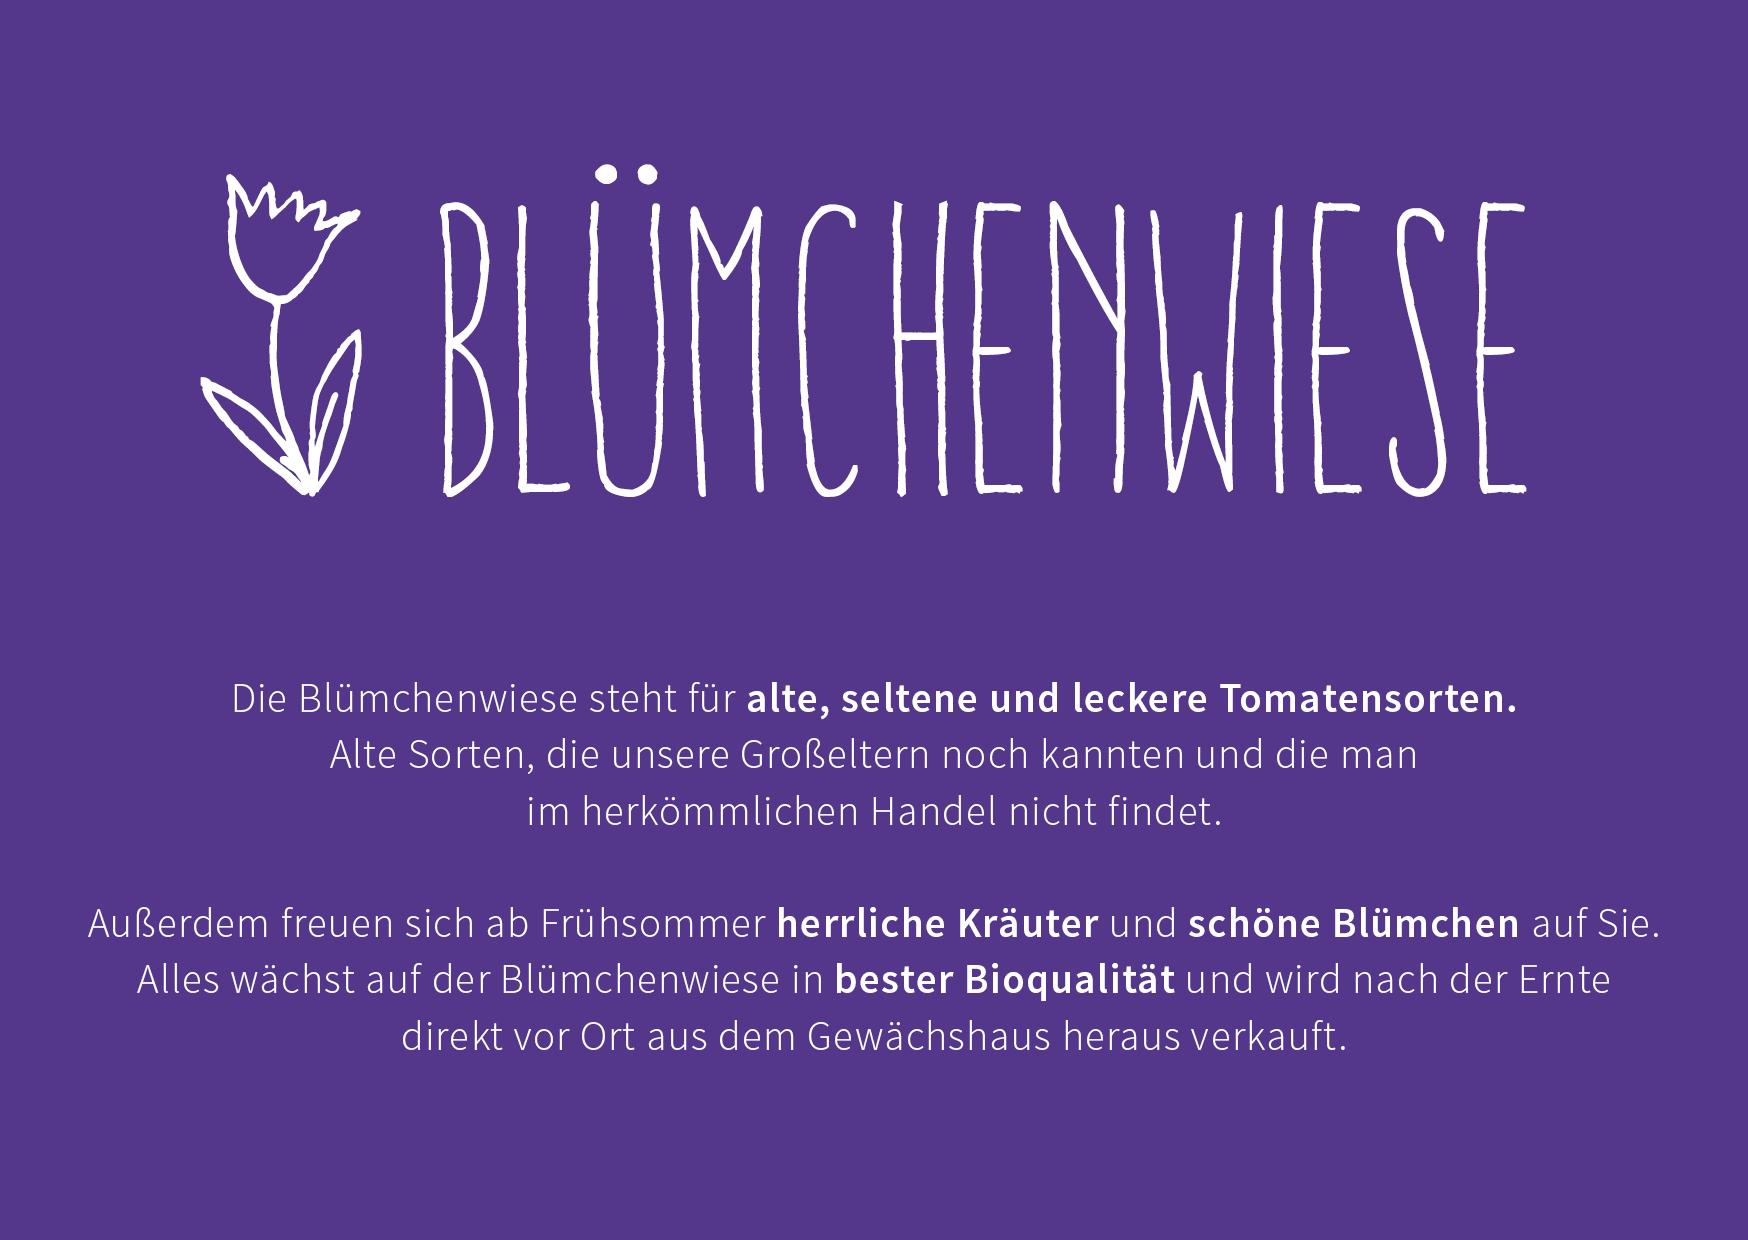 Blümchenwiese Frankfurt